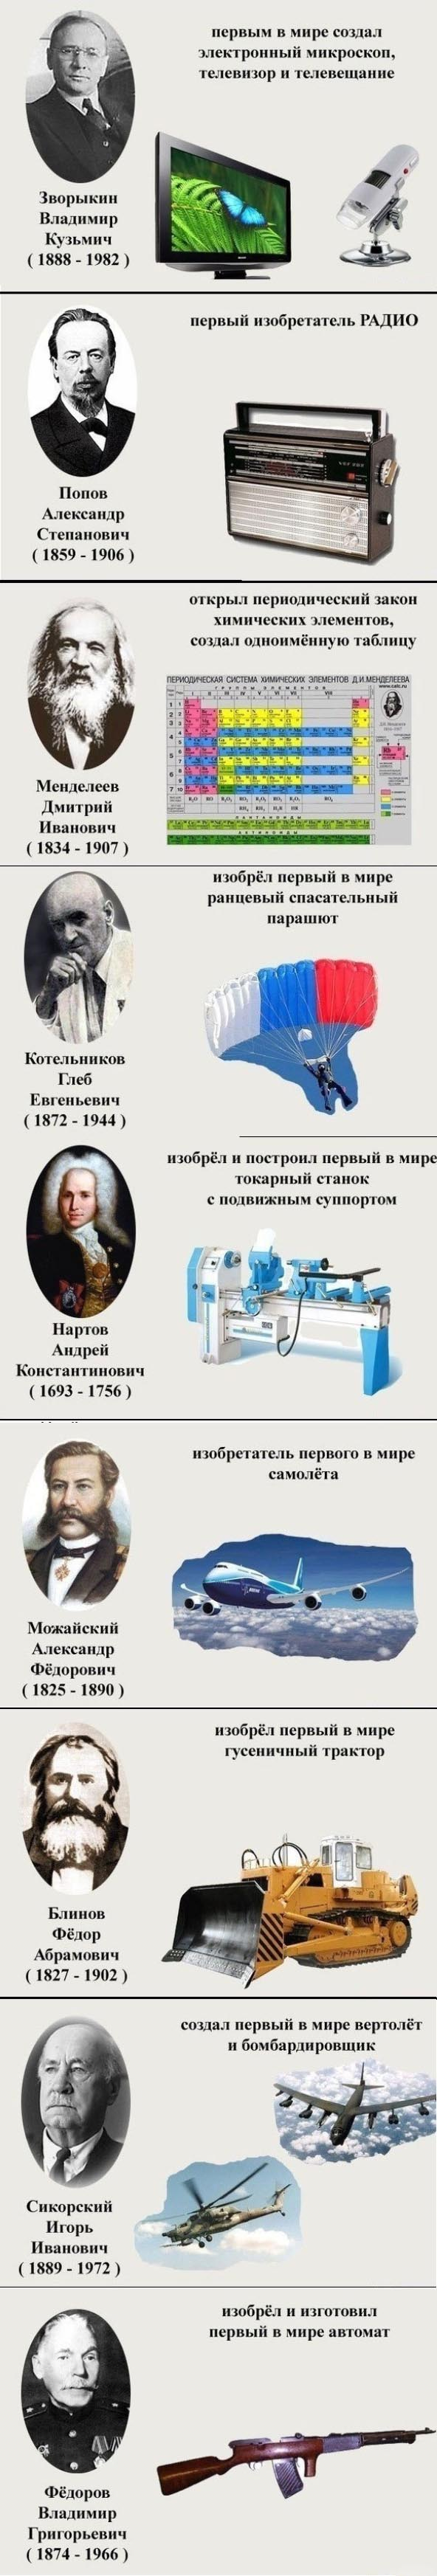 1387916579_1668919427_yapfiles.ru.jpg